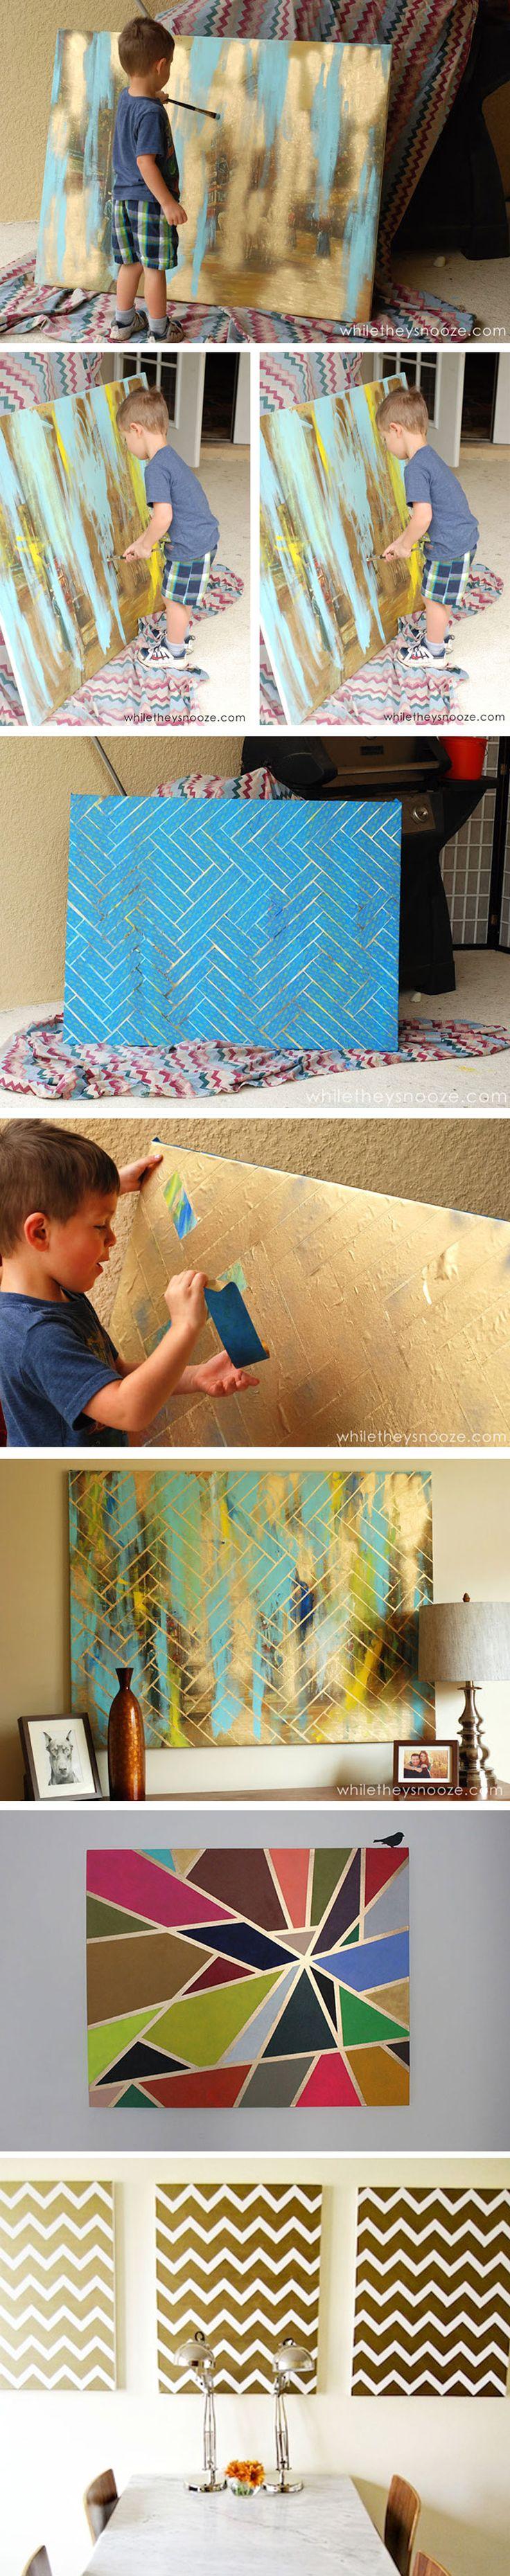 Je wilt toch ook een mooi kunstwerkje maken voor aan je eigen muur? Afhankelijk van de grote van je canvas, kan dit voor nog geen tientje! Voor de diy ga naar www.budgi.nl #diy #creatief #hobby #muur #verf #afplaktape #schaar #canvas #letters #vormen #decoratie #schilderij #tips #goedkoop #budget #besparen #budgi